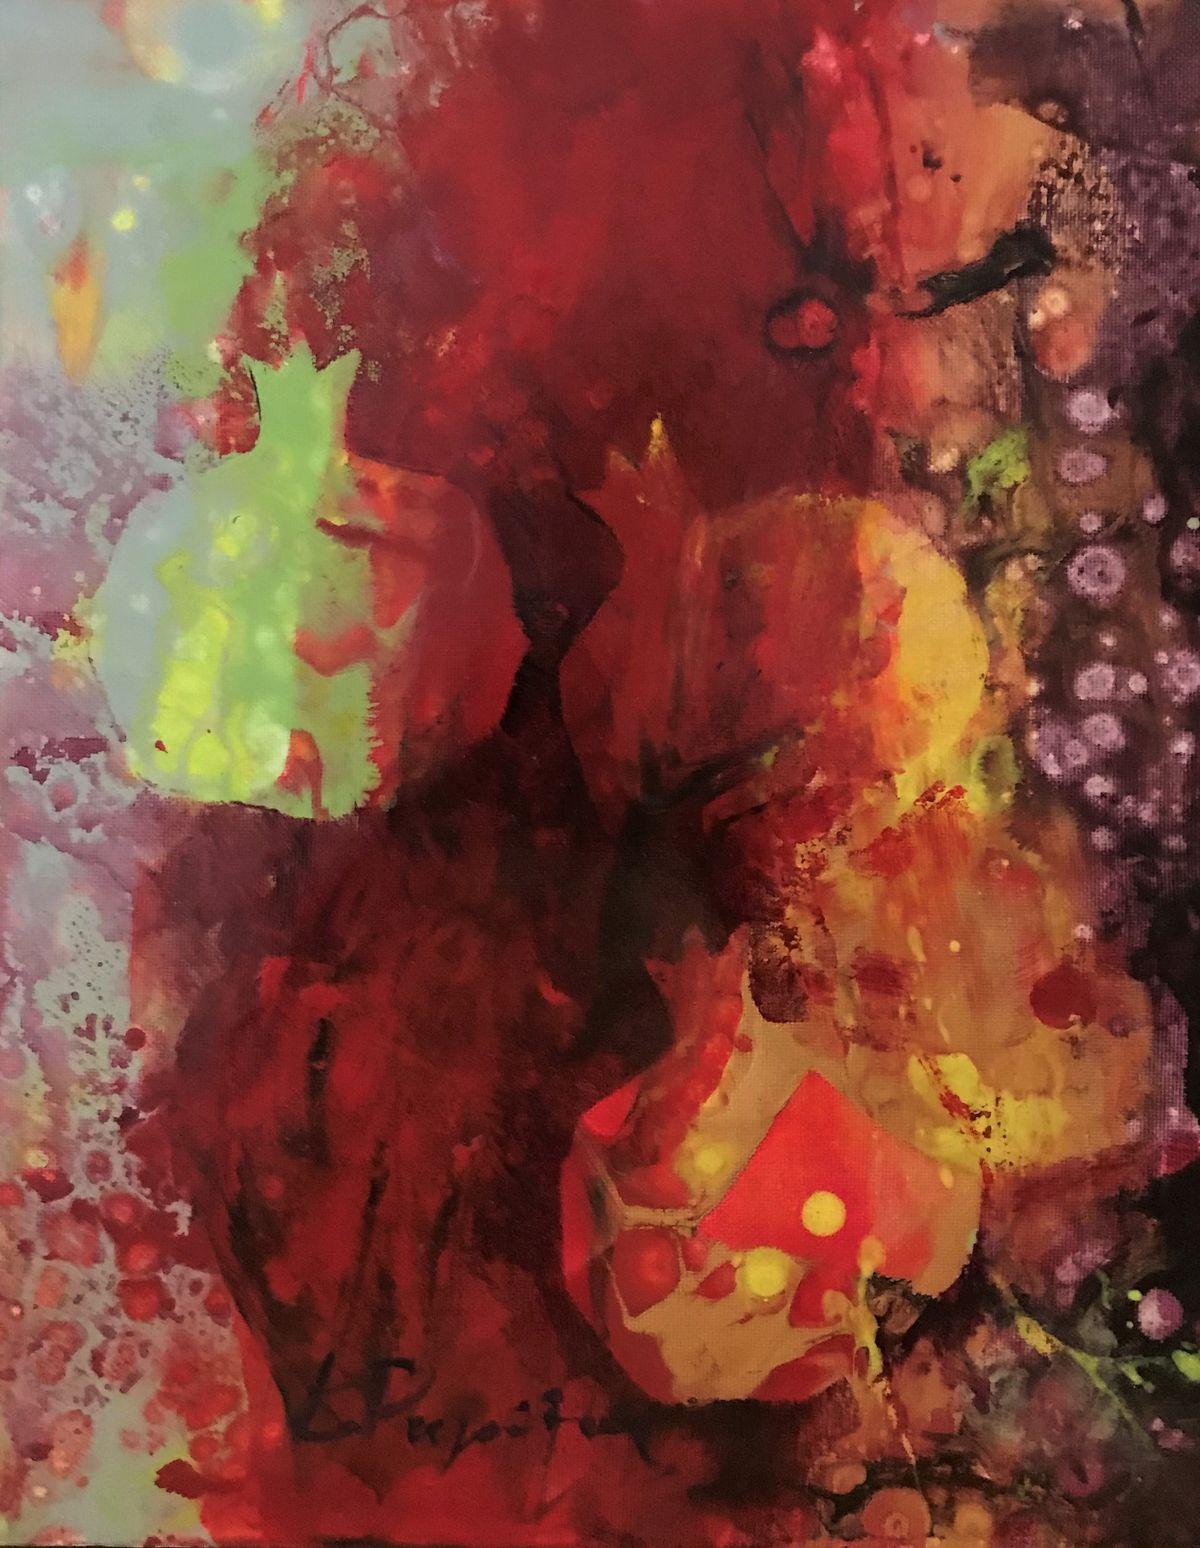 Κώστας Ρηγούλης 24×30 εκ. Λάδια σε καμβά Costas Rigoulis 24×30 cm Oils on canvas (1)